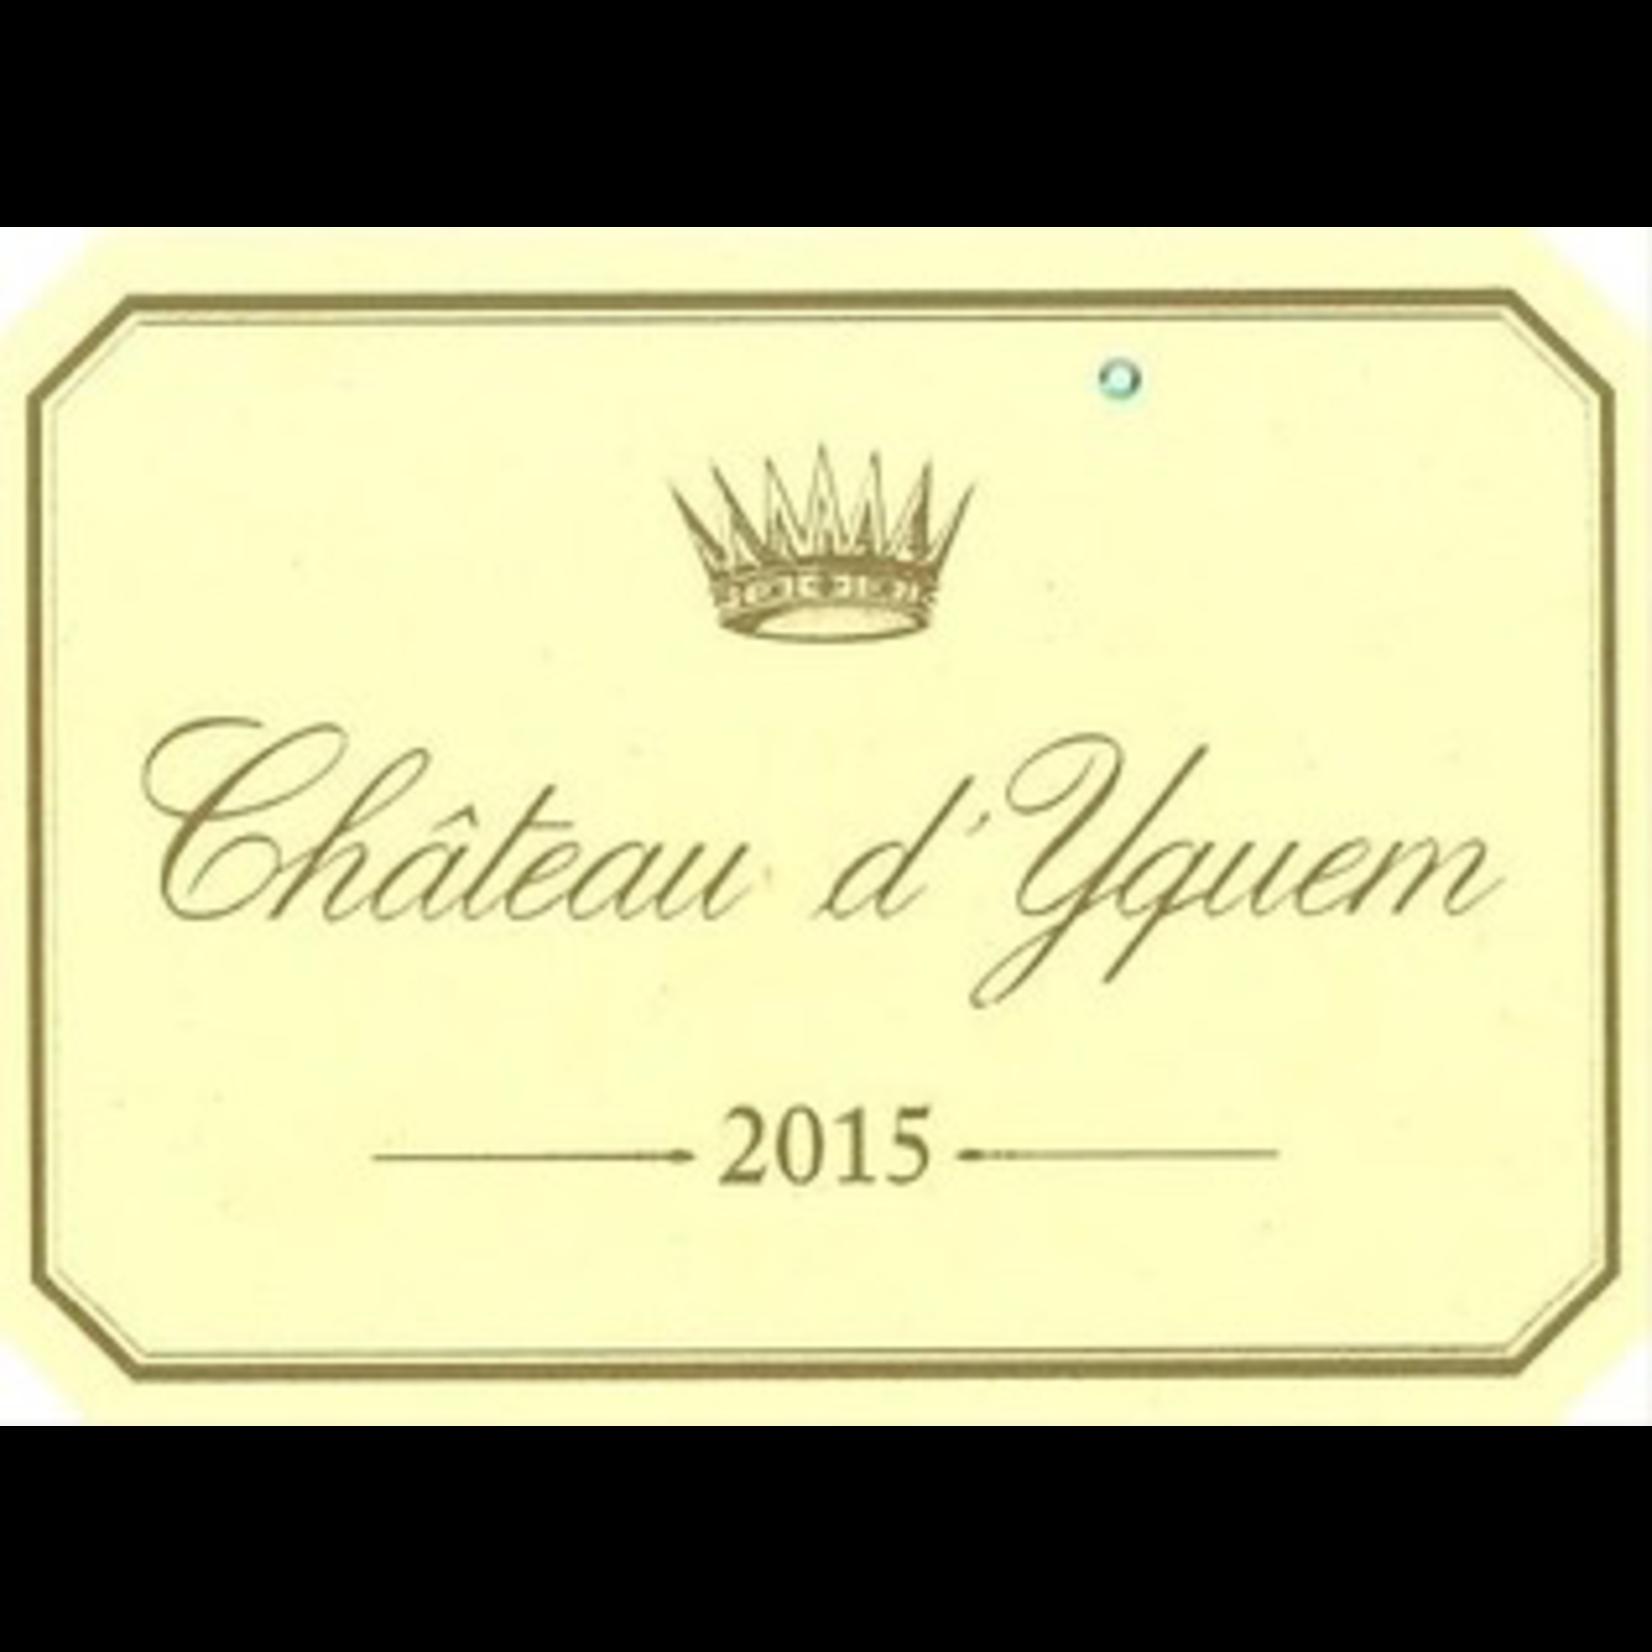 Wine Chateau d'Yquem Sauternes 2014